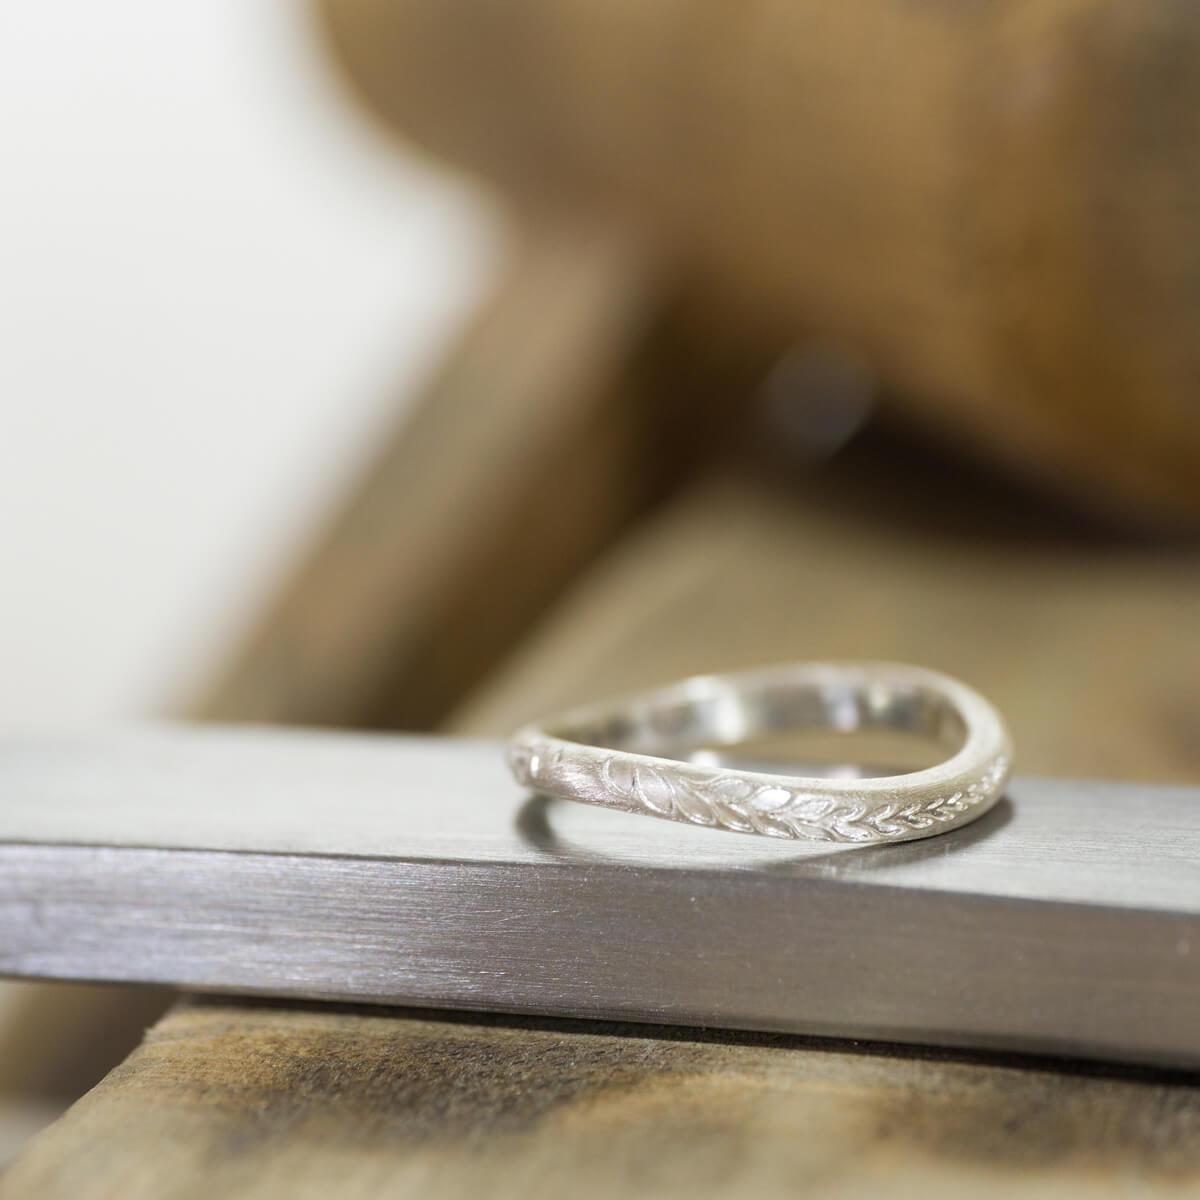 オーダーメイドマリッジリングの制作風景 ジュエリーのアトリエに指輪 シルバー 屋久島のシダモチーフ 屋久島でつくる結婚指輪